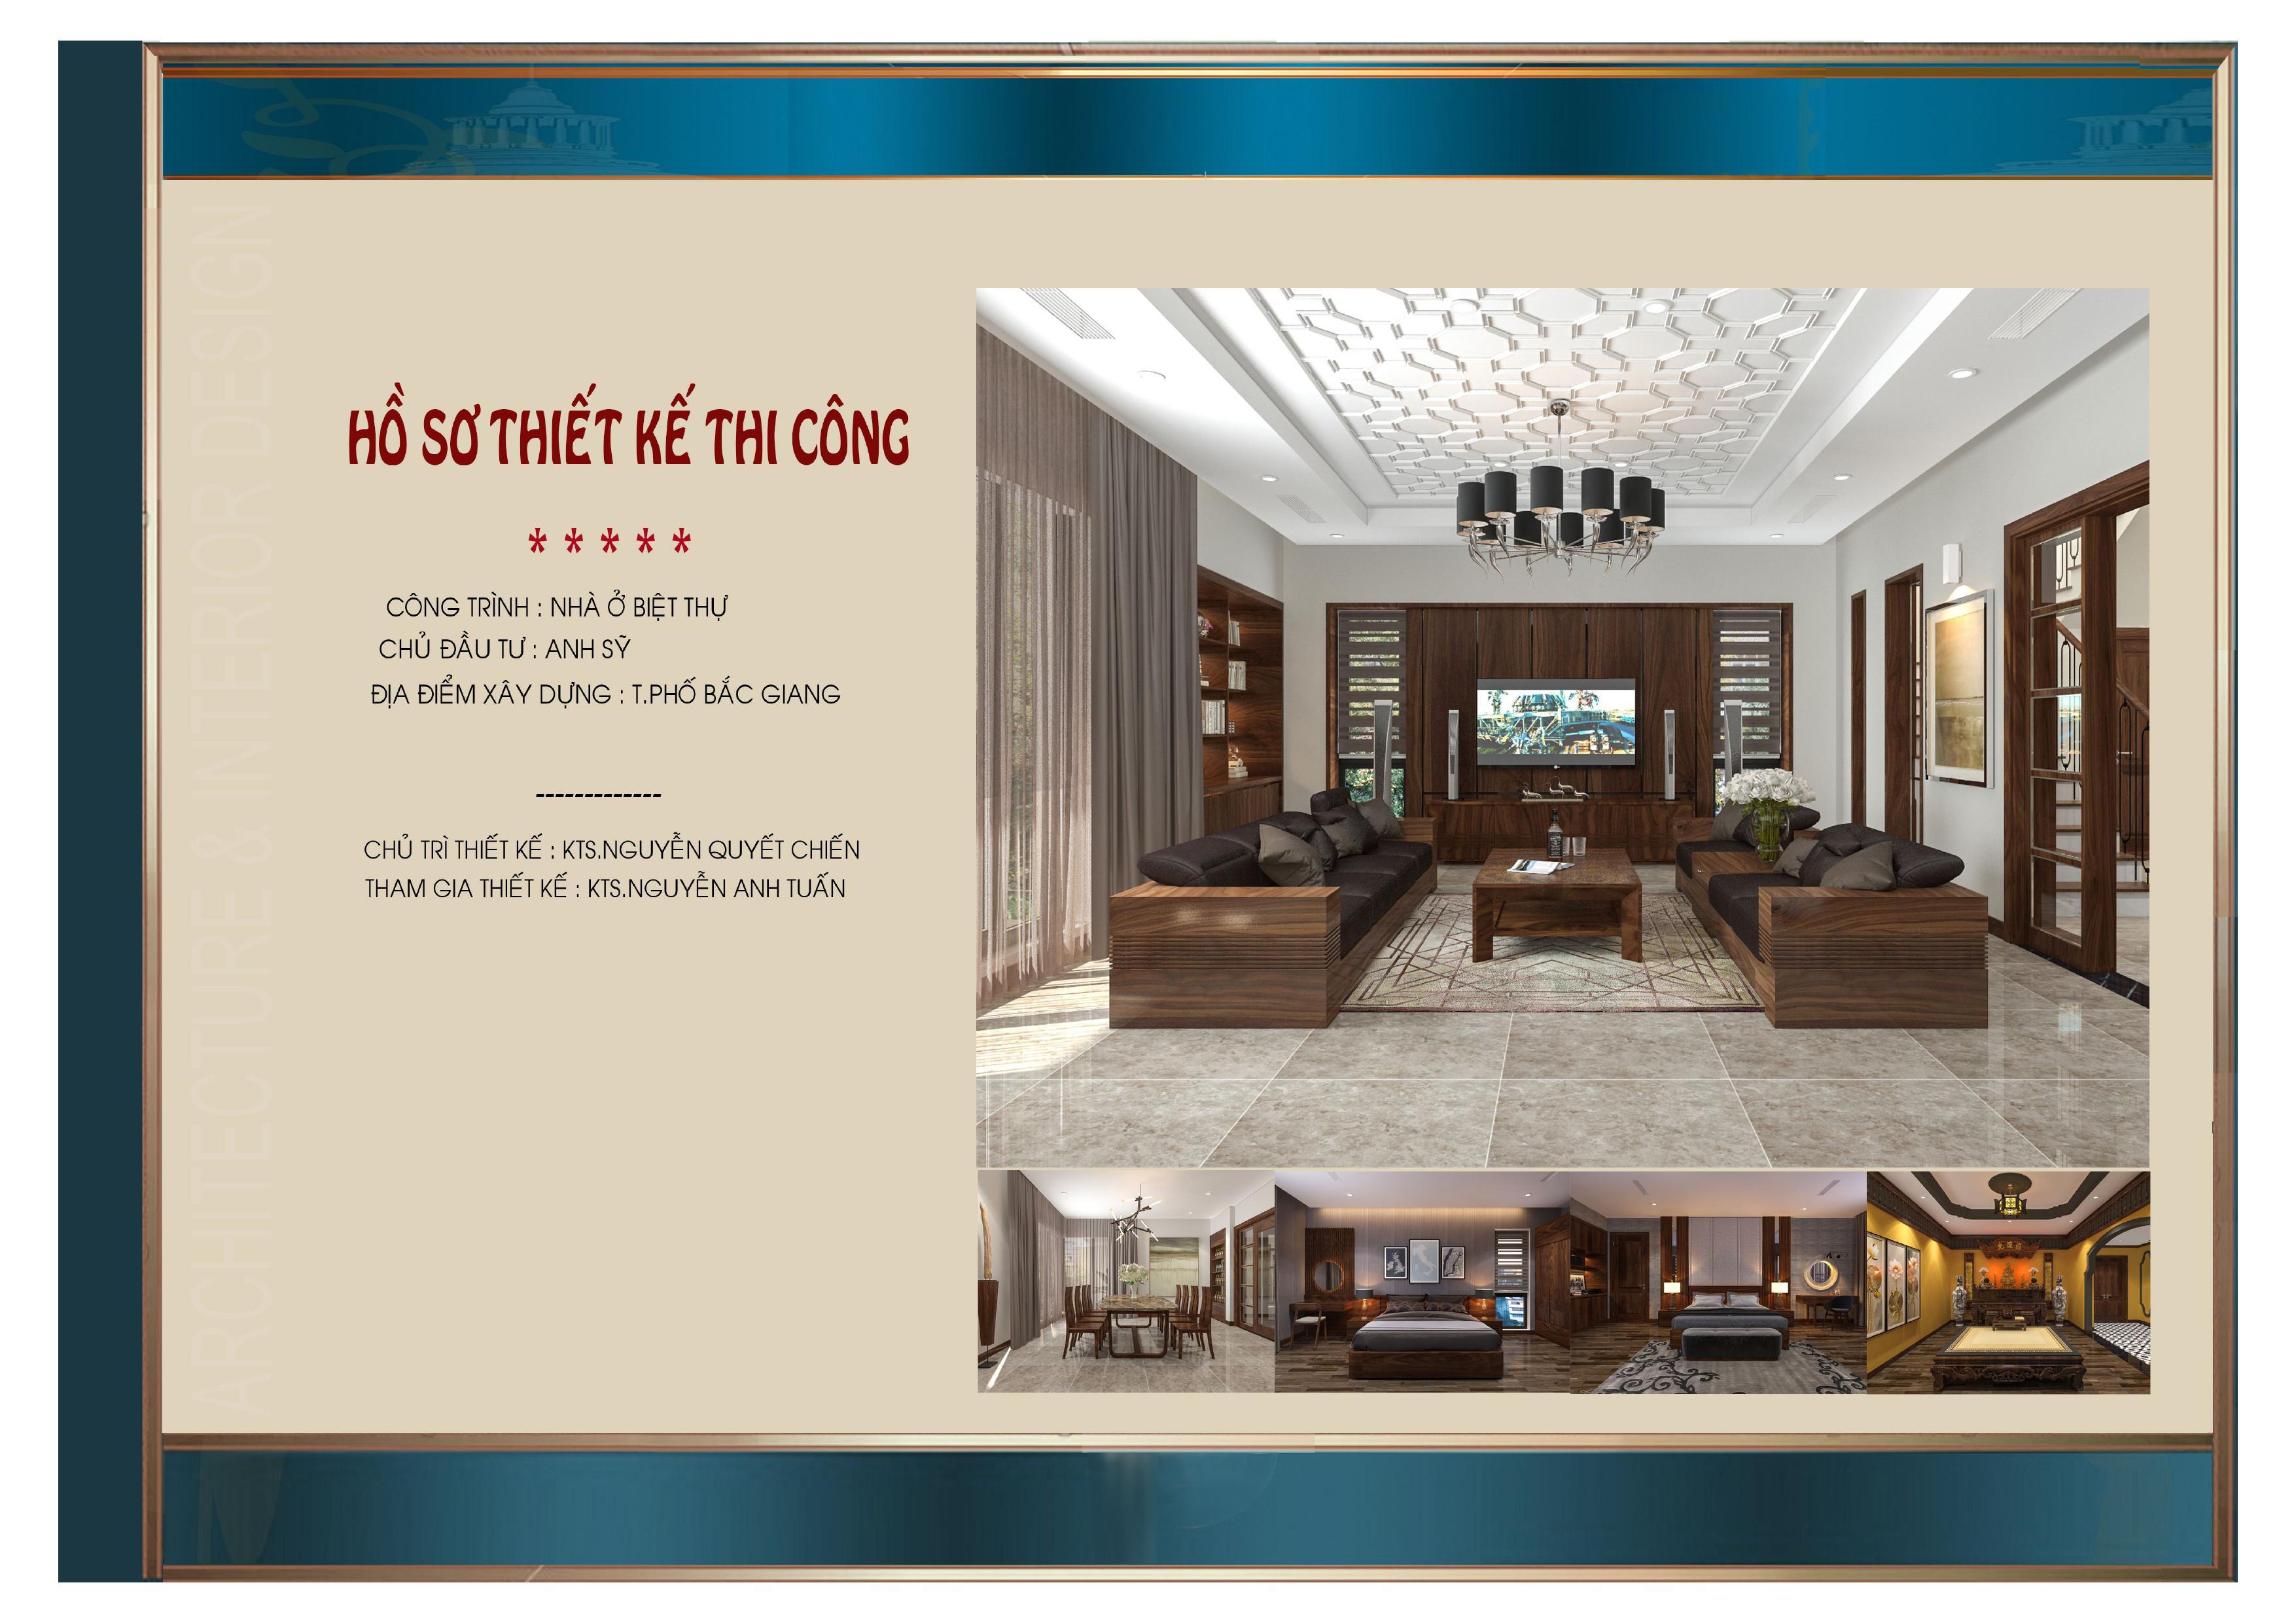 Thiết kế nội thất nhà phố tân cổ điển 3 tầng ấn tượng tại Bắc Giang